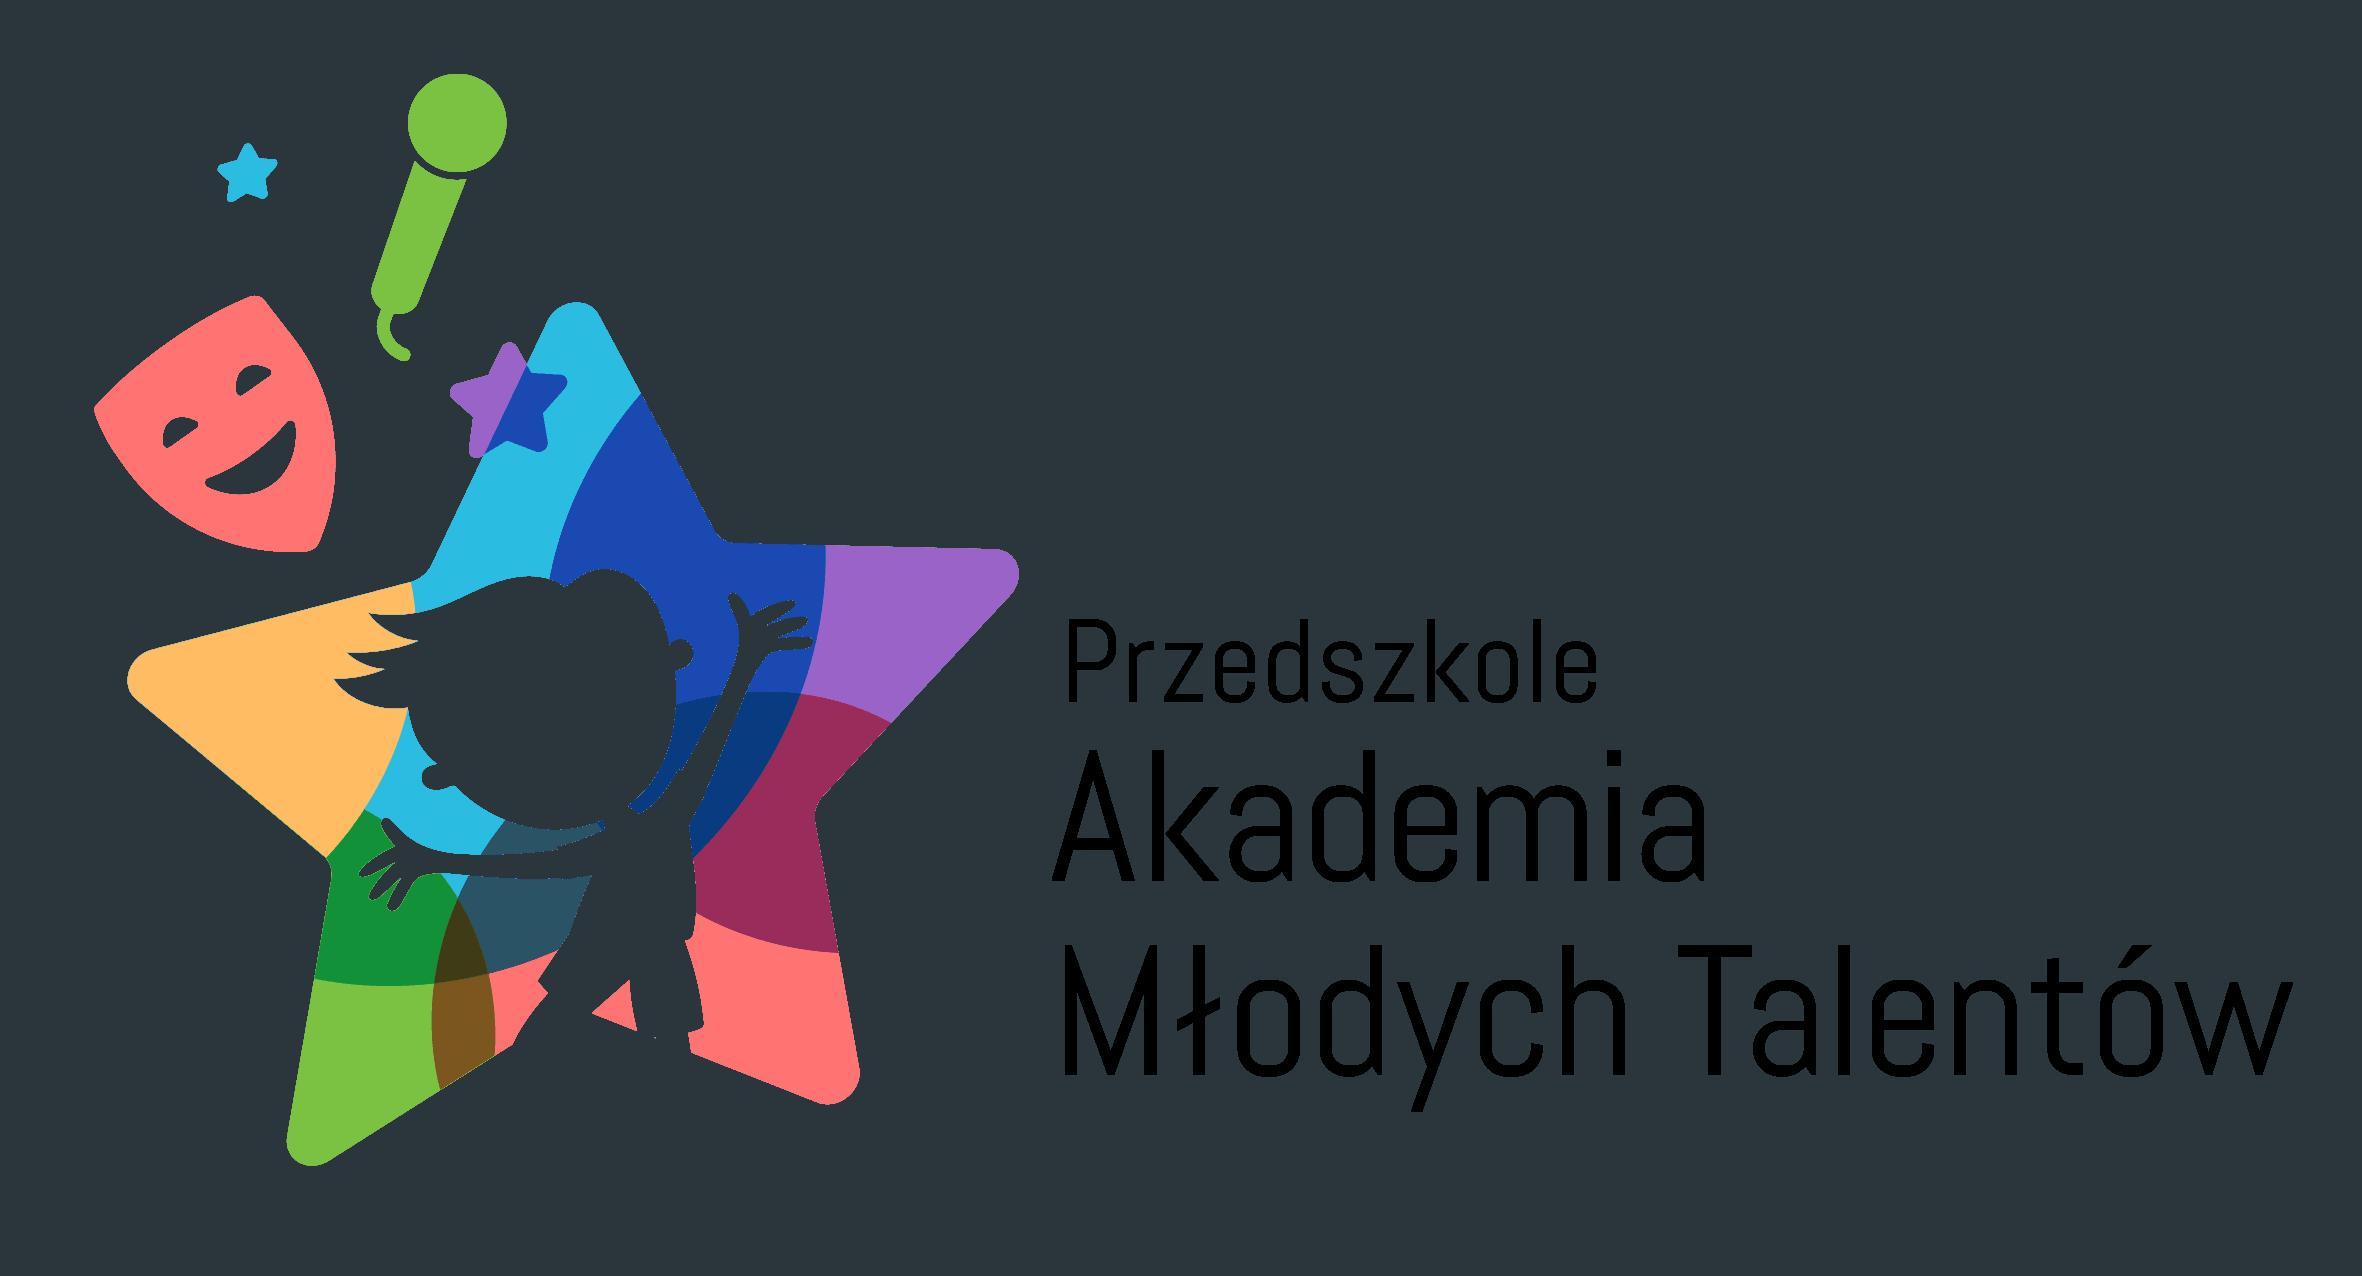 Przedszkole Akademia Młodych Talentów